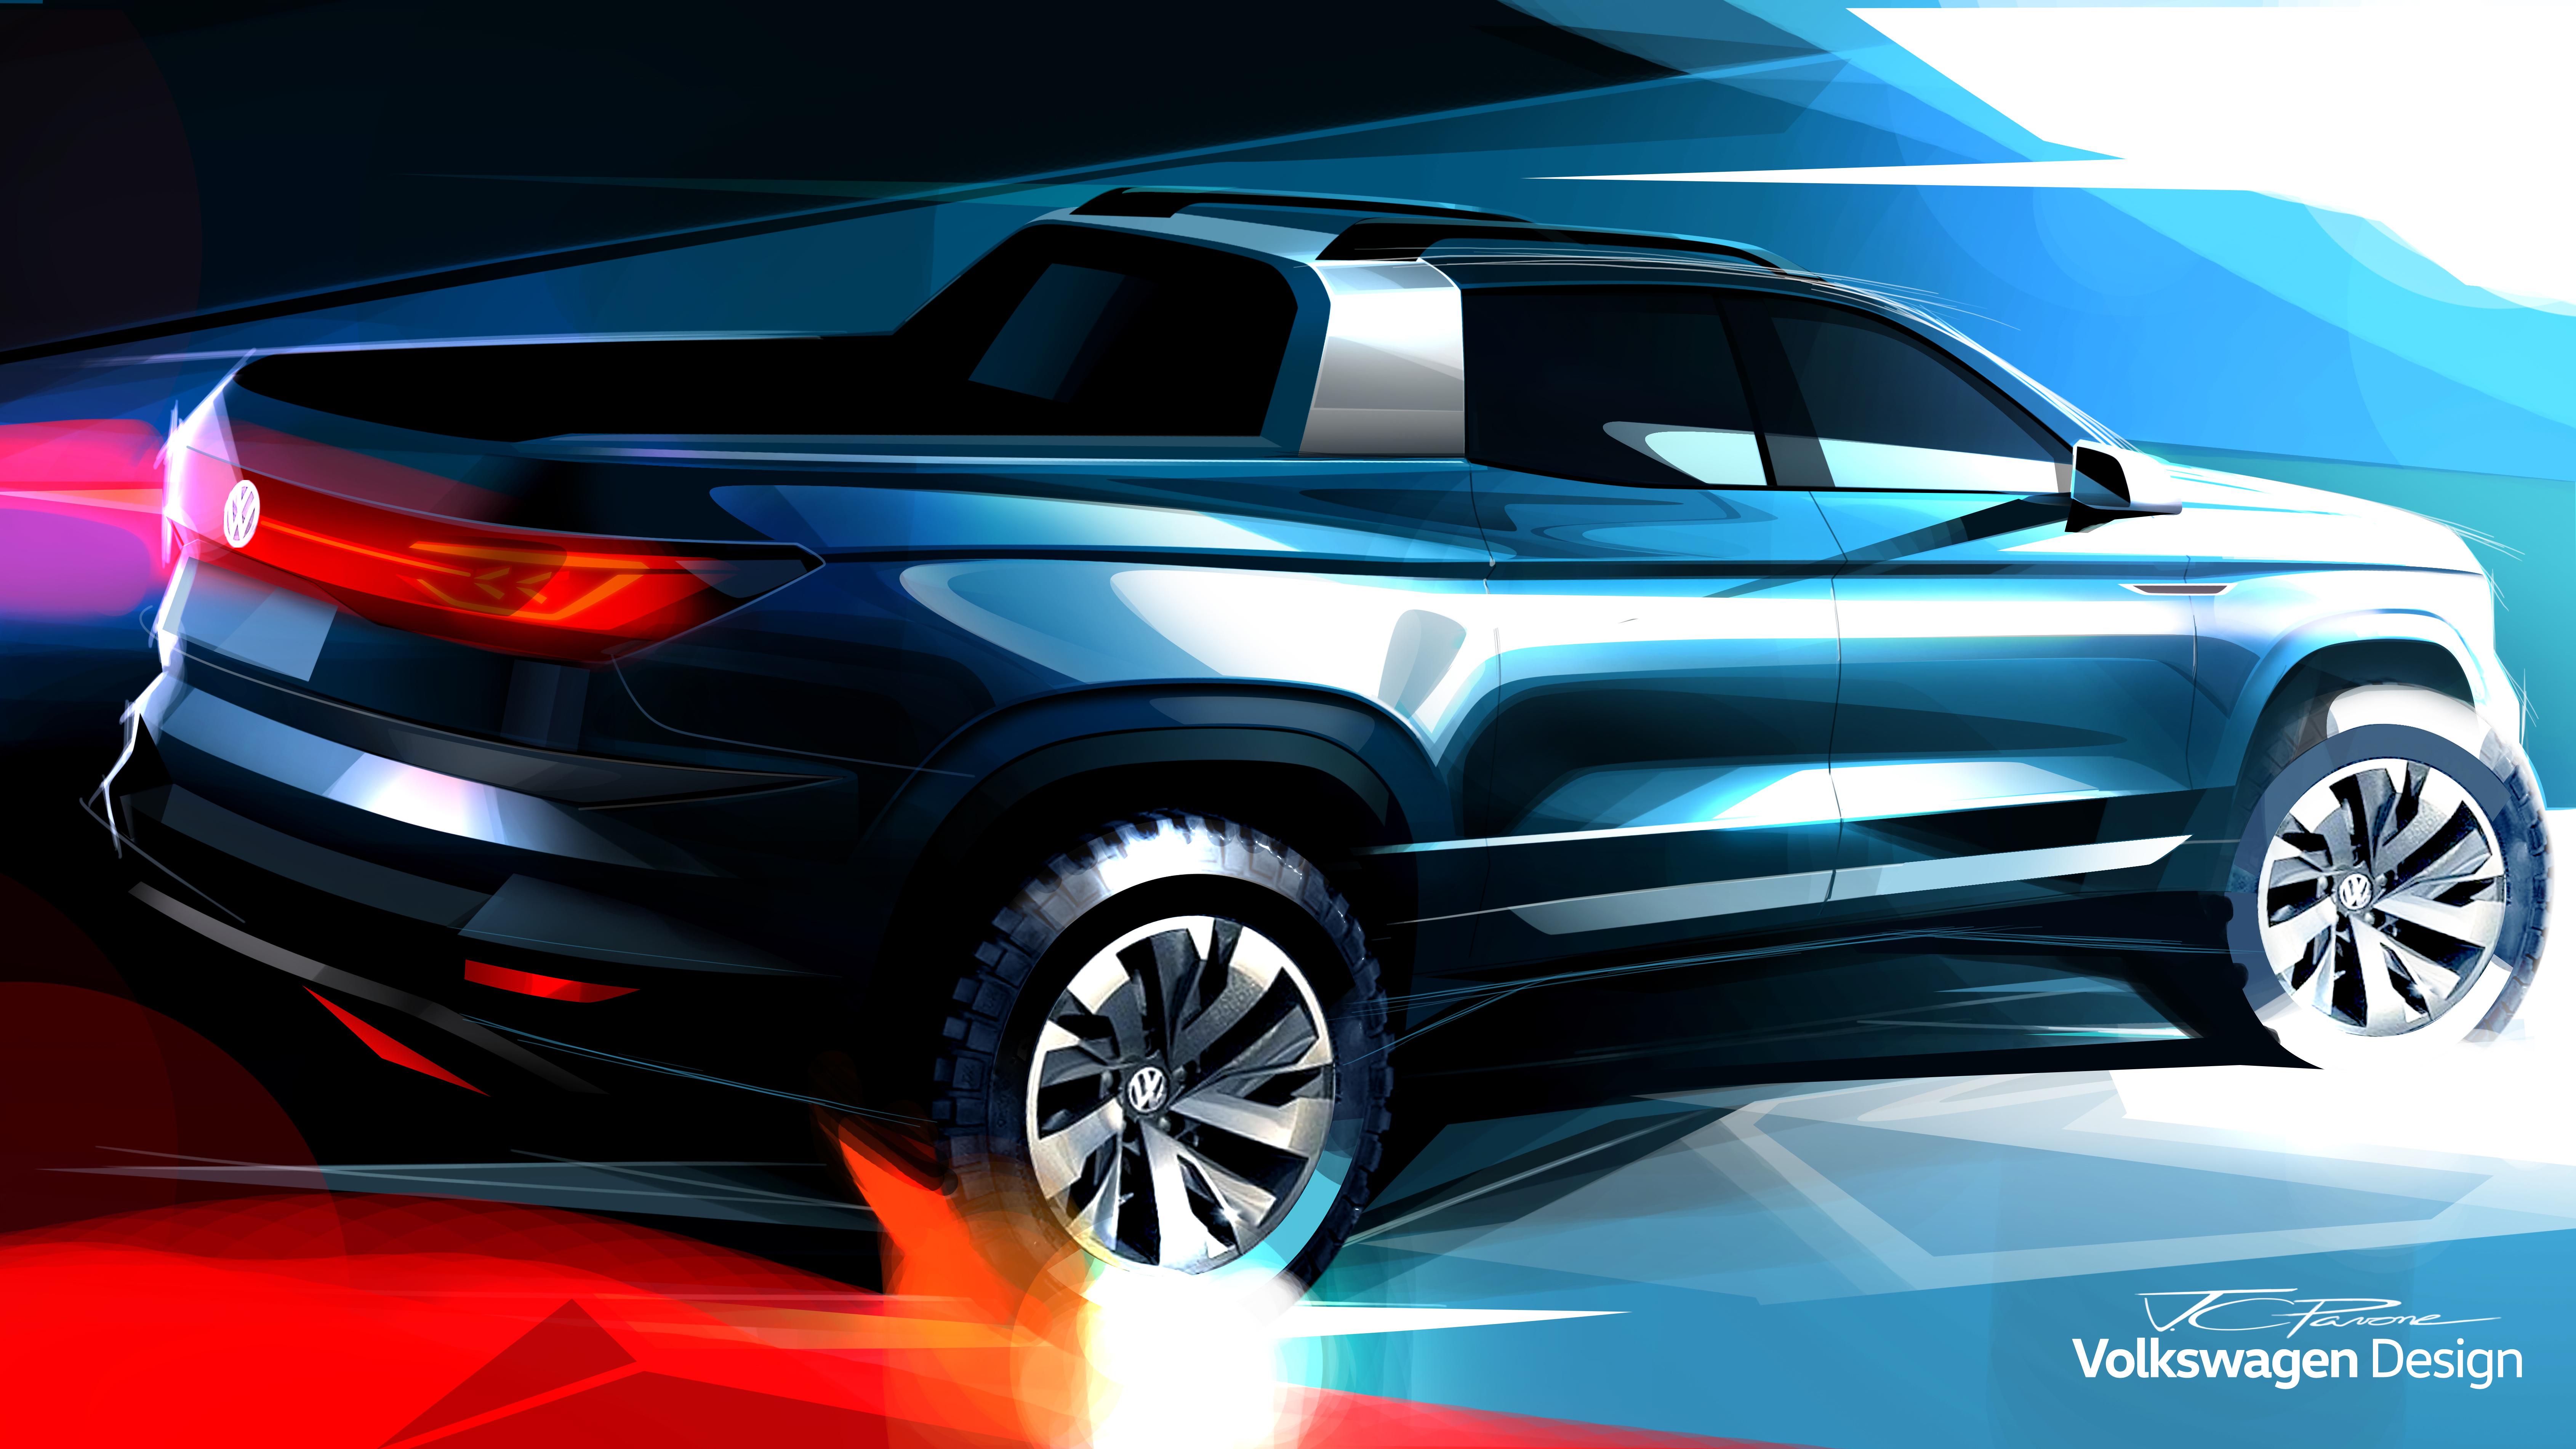 Estreia no Brasil: Volkswagen apresenta picape-conceito inédita no Salão do Automóvel